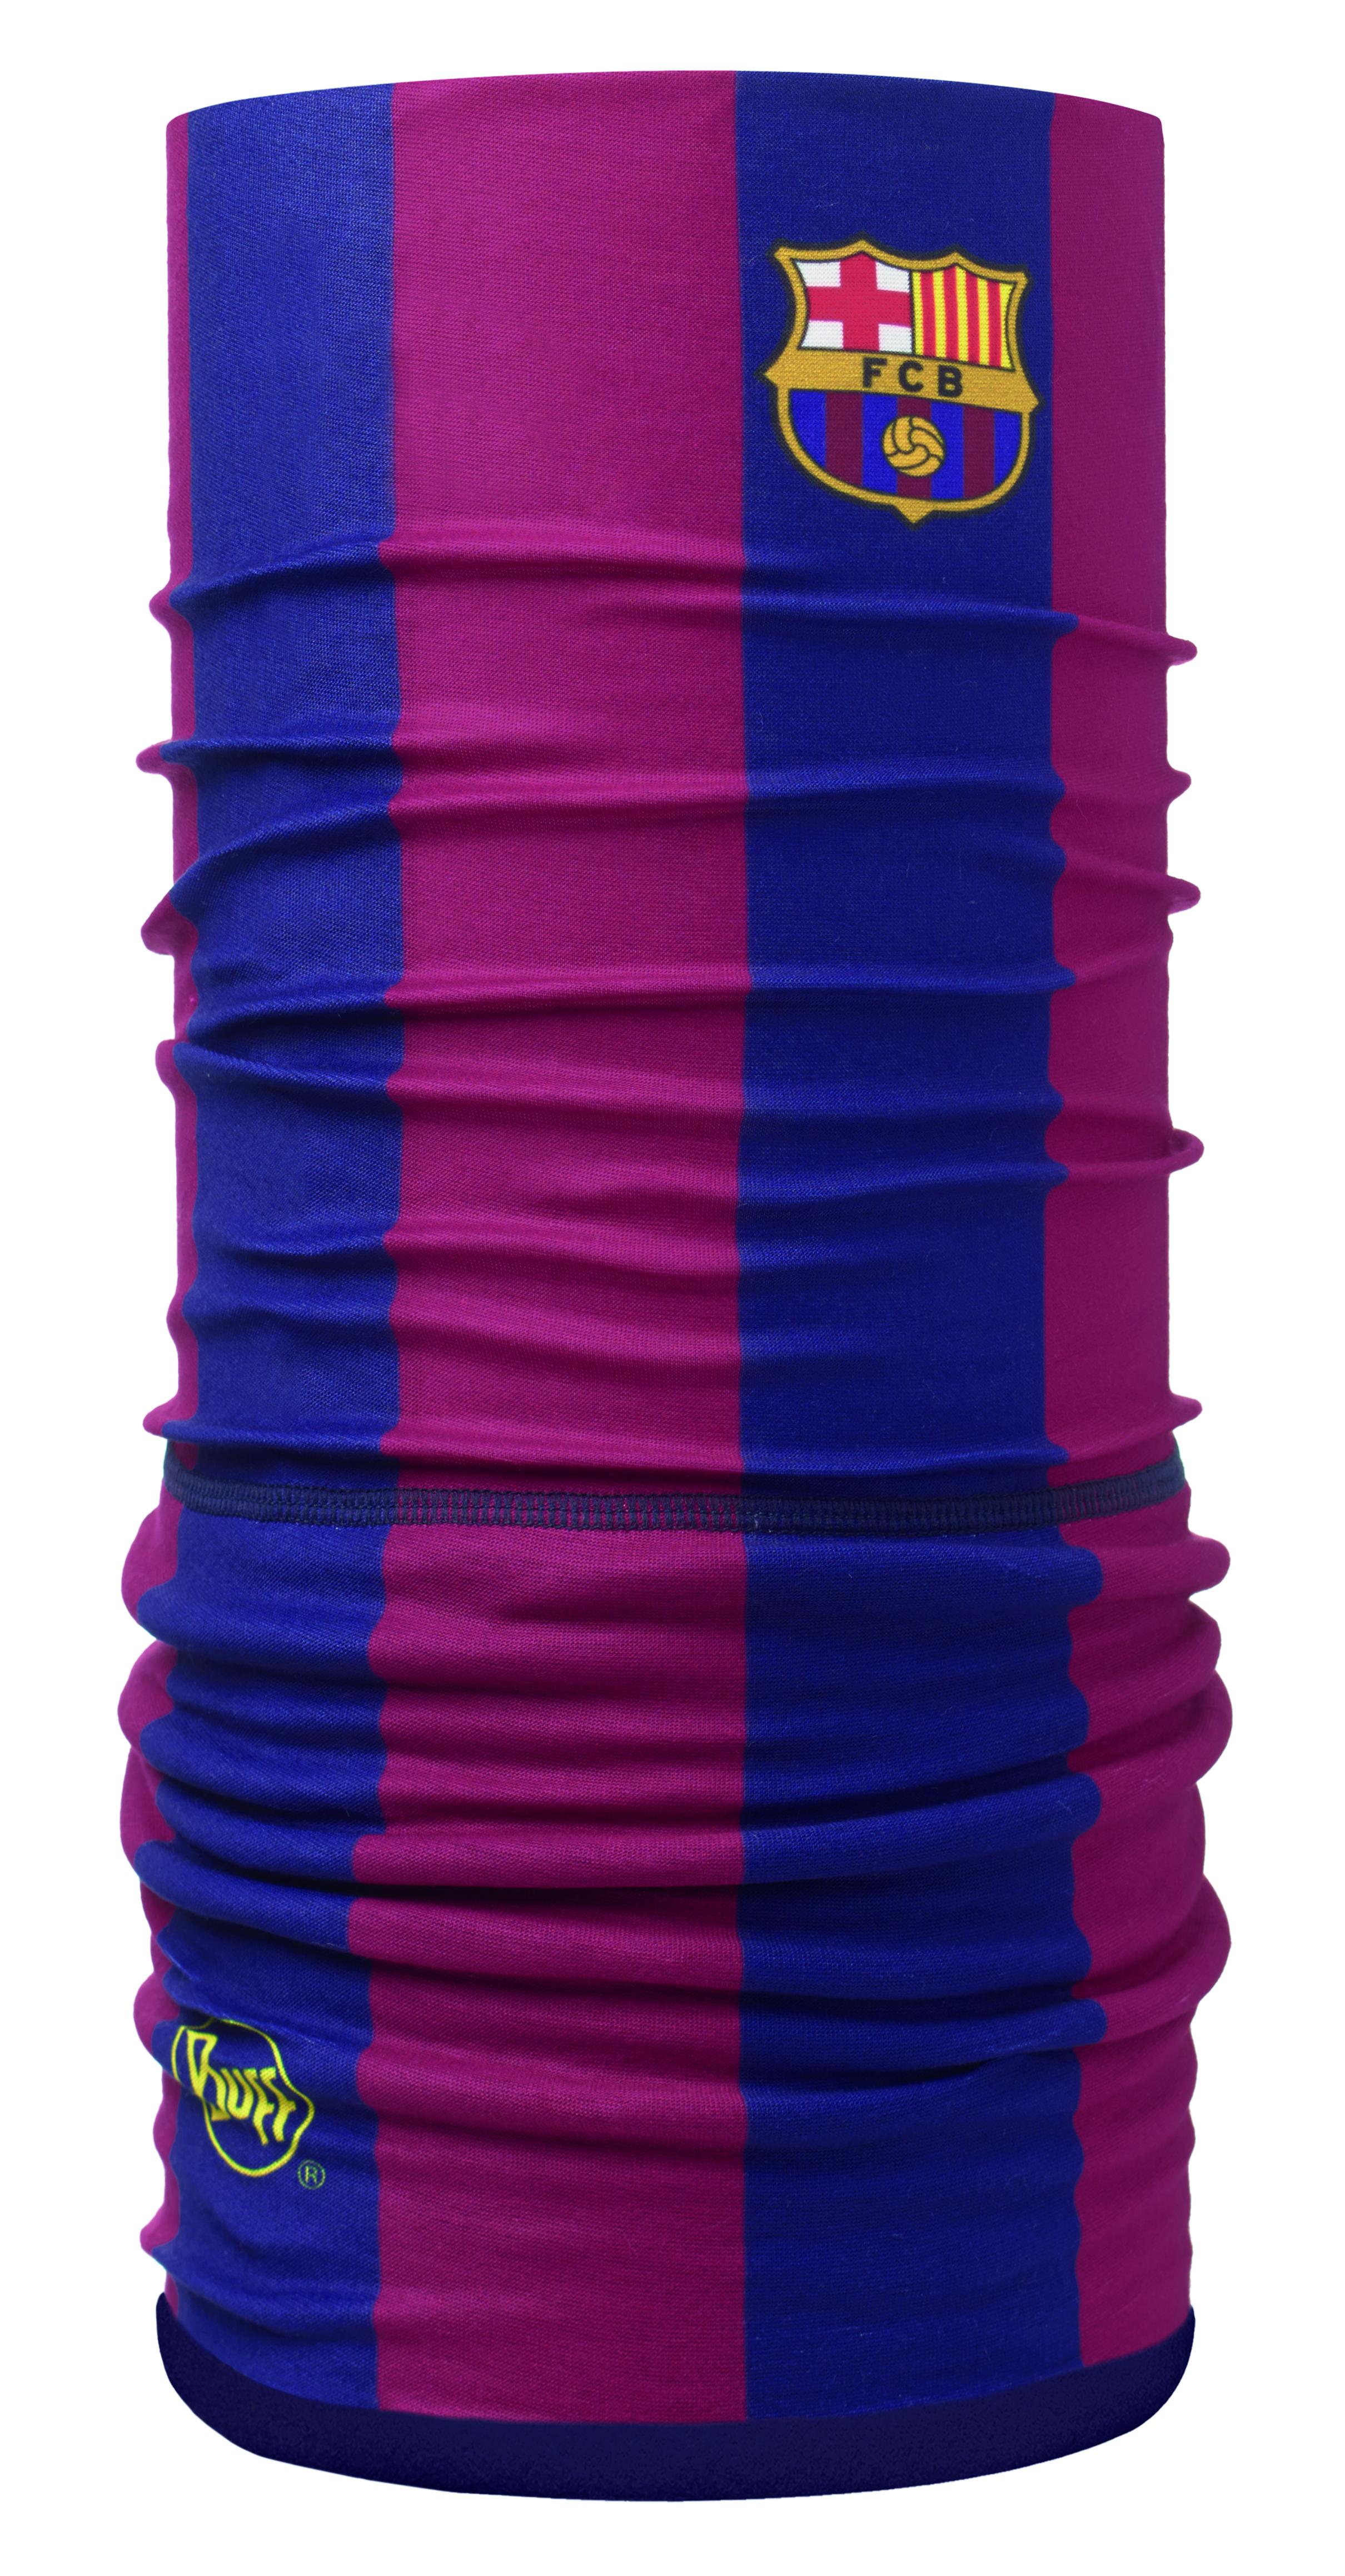 Бандана BUFF Polar Buff 1ST EQUIPMENT / NAVY Банданы и шарфы ® 1169065  - купить со скидкой